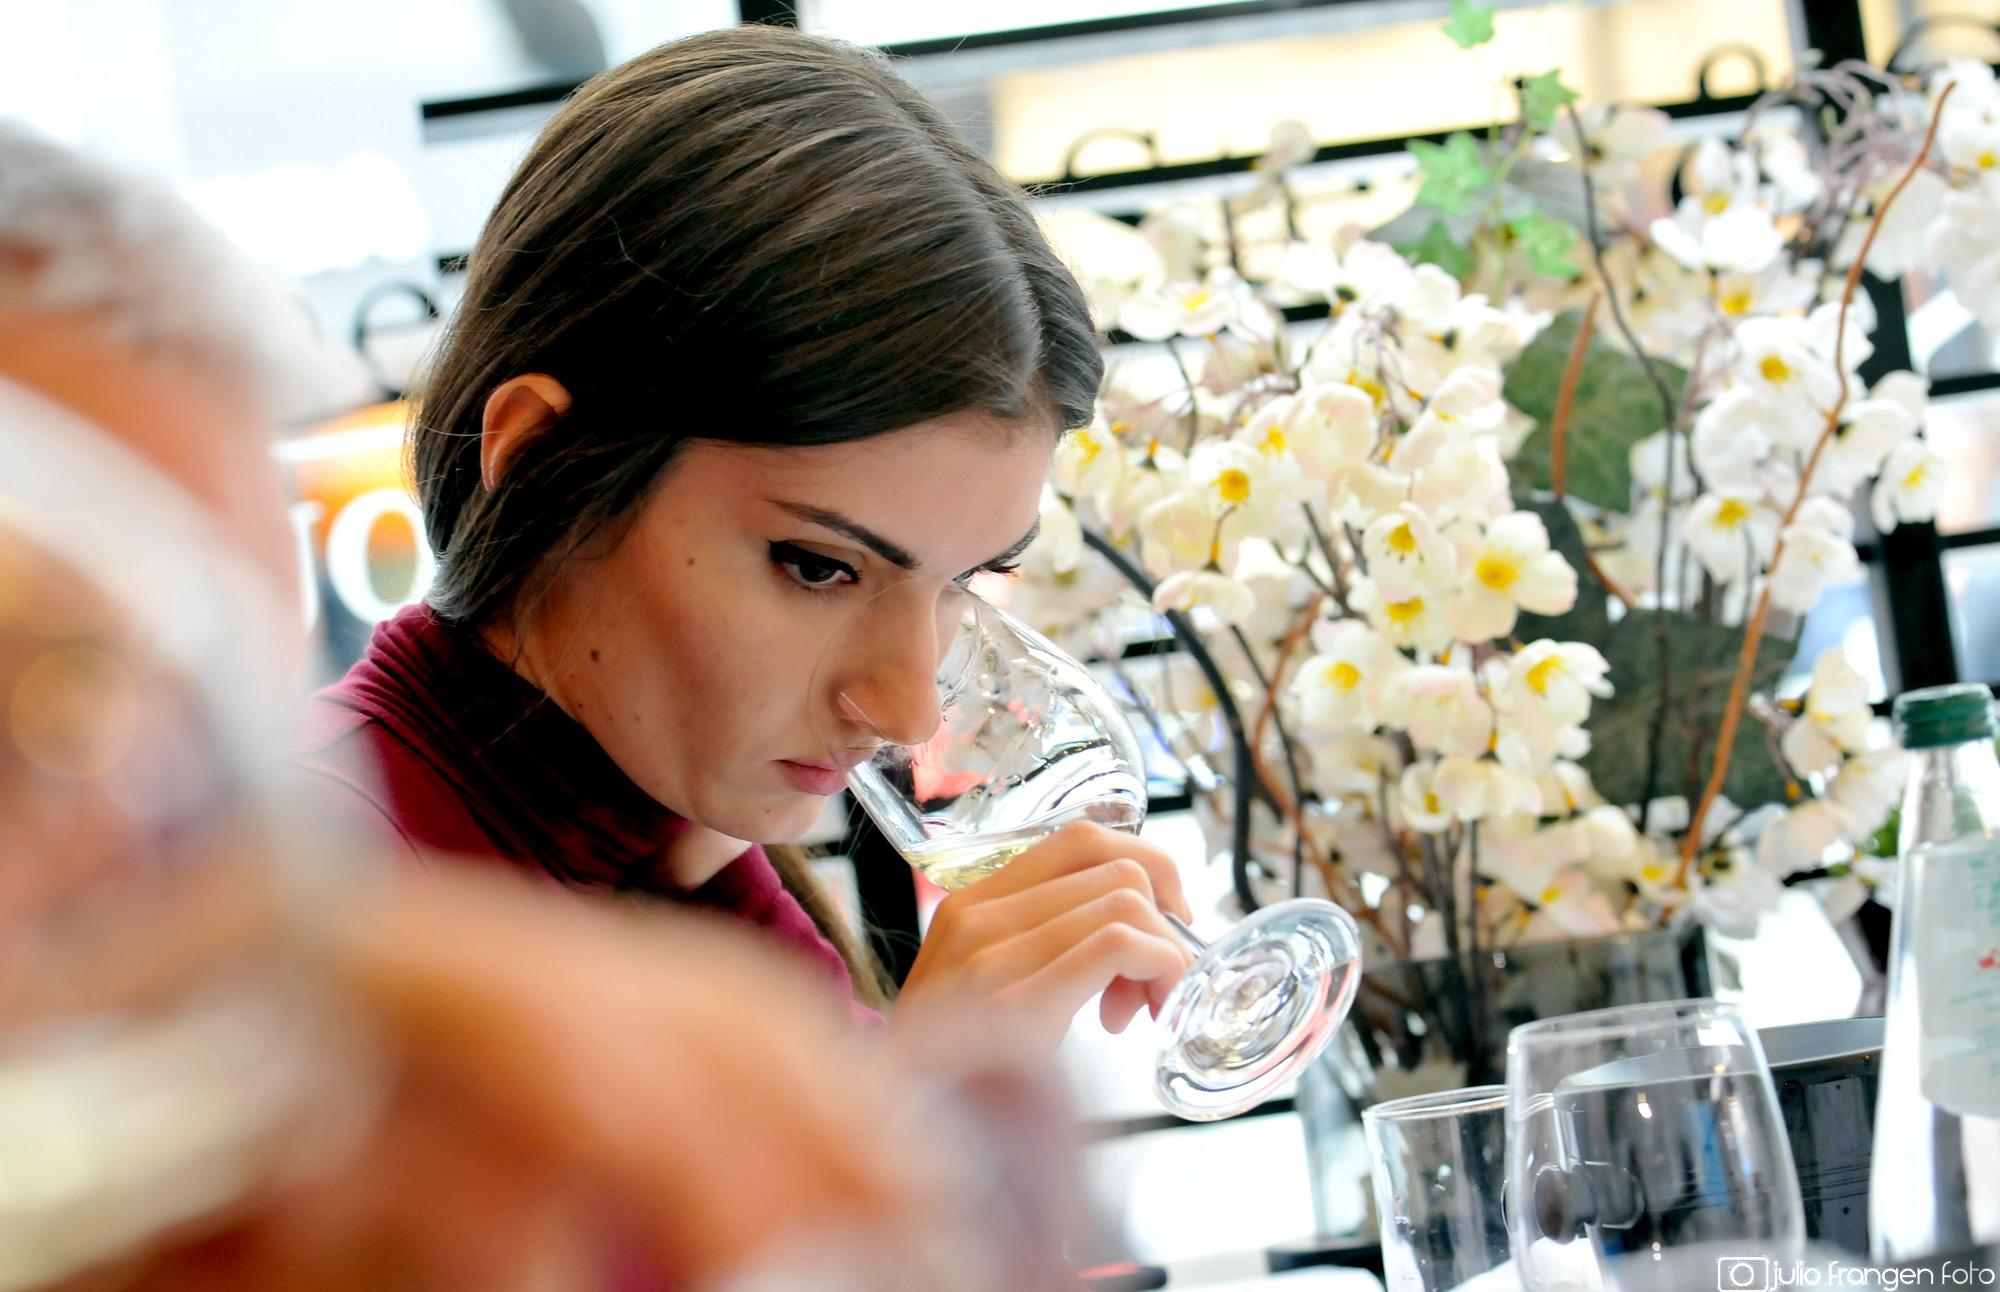 Blagdanske vinske zvijezde 2018: Elegantni Eclatov Chardonnay  2013. osvojio veliko zlato!